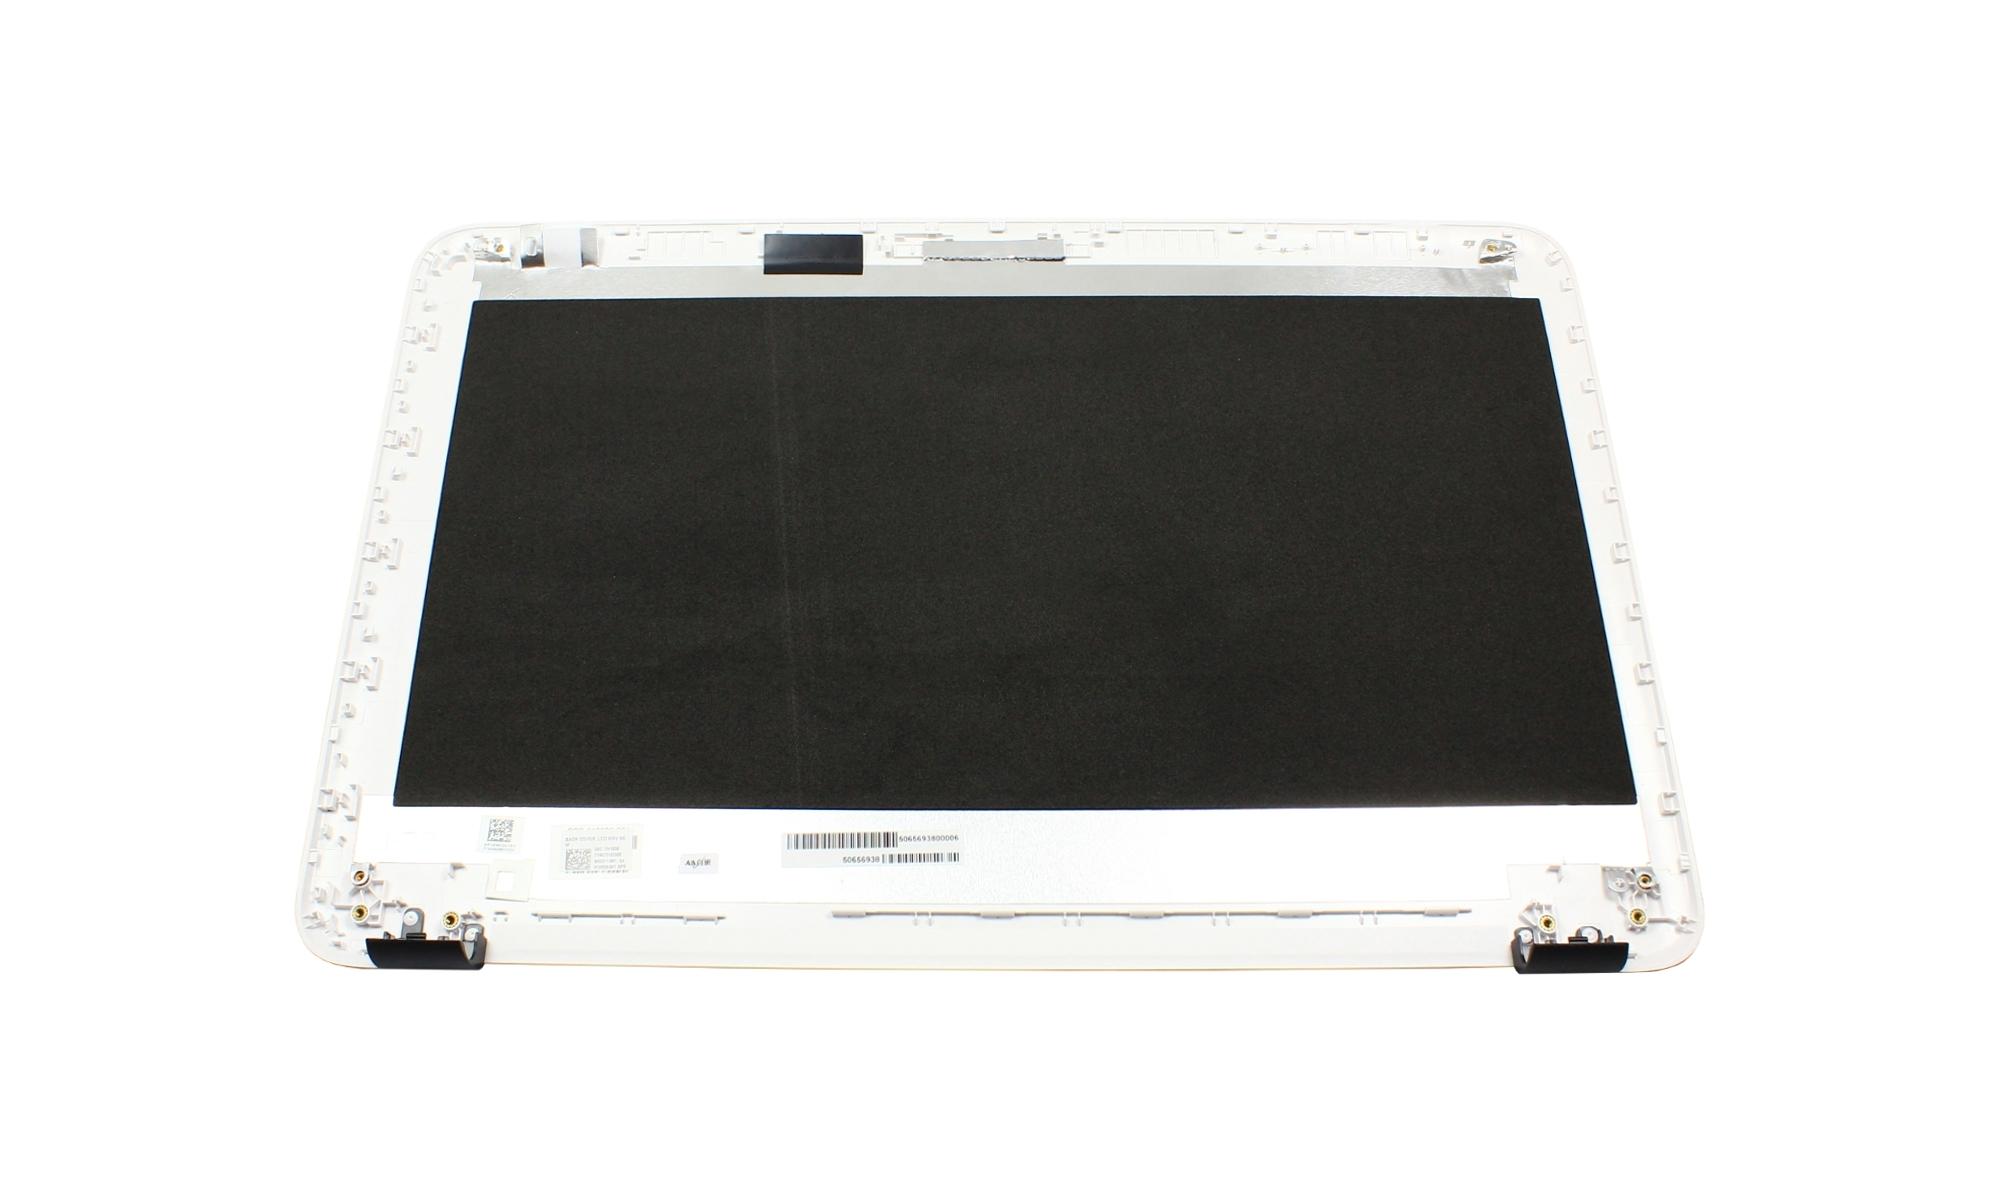 Capac display HP 256 G4, alb